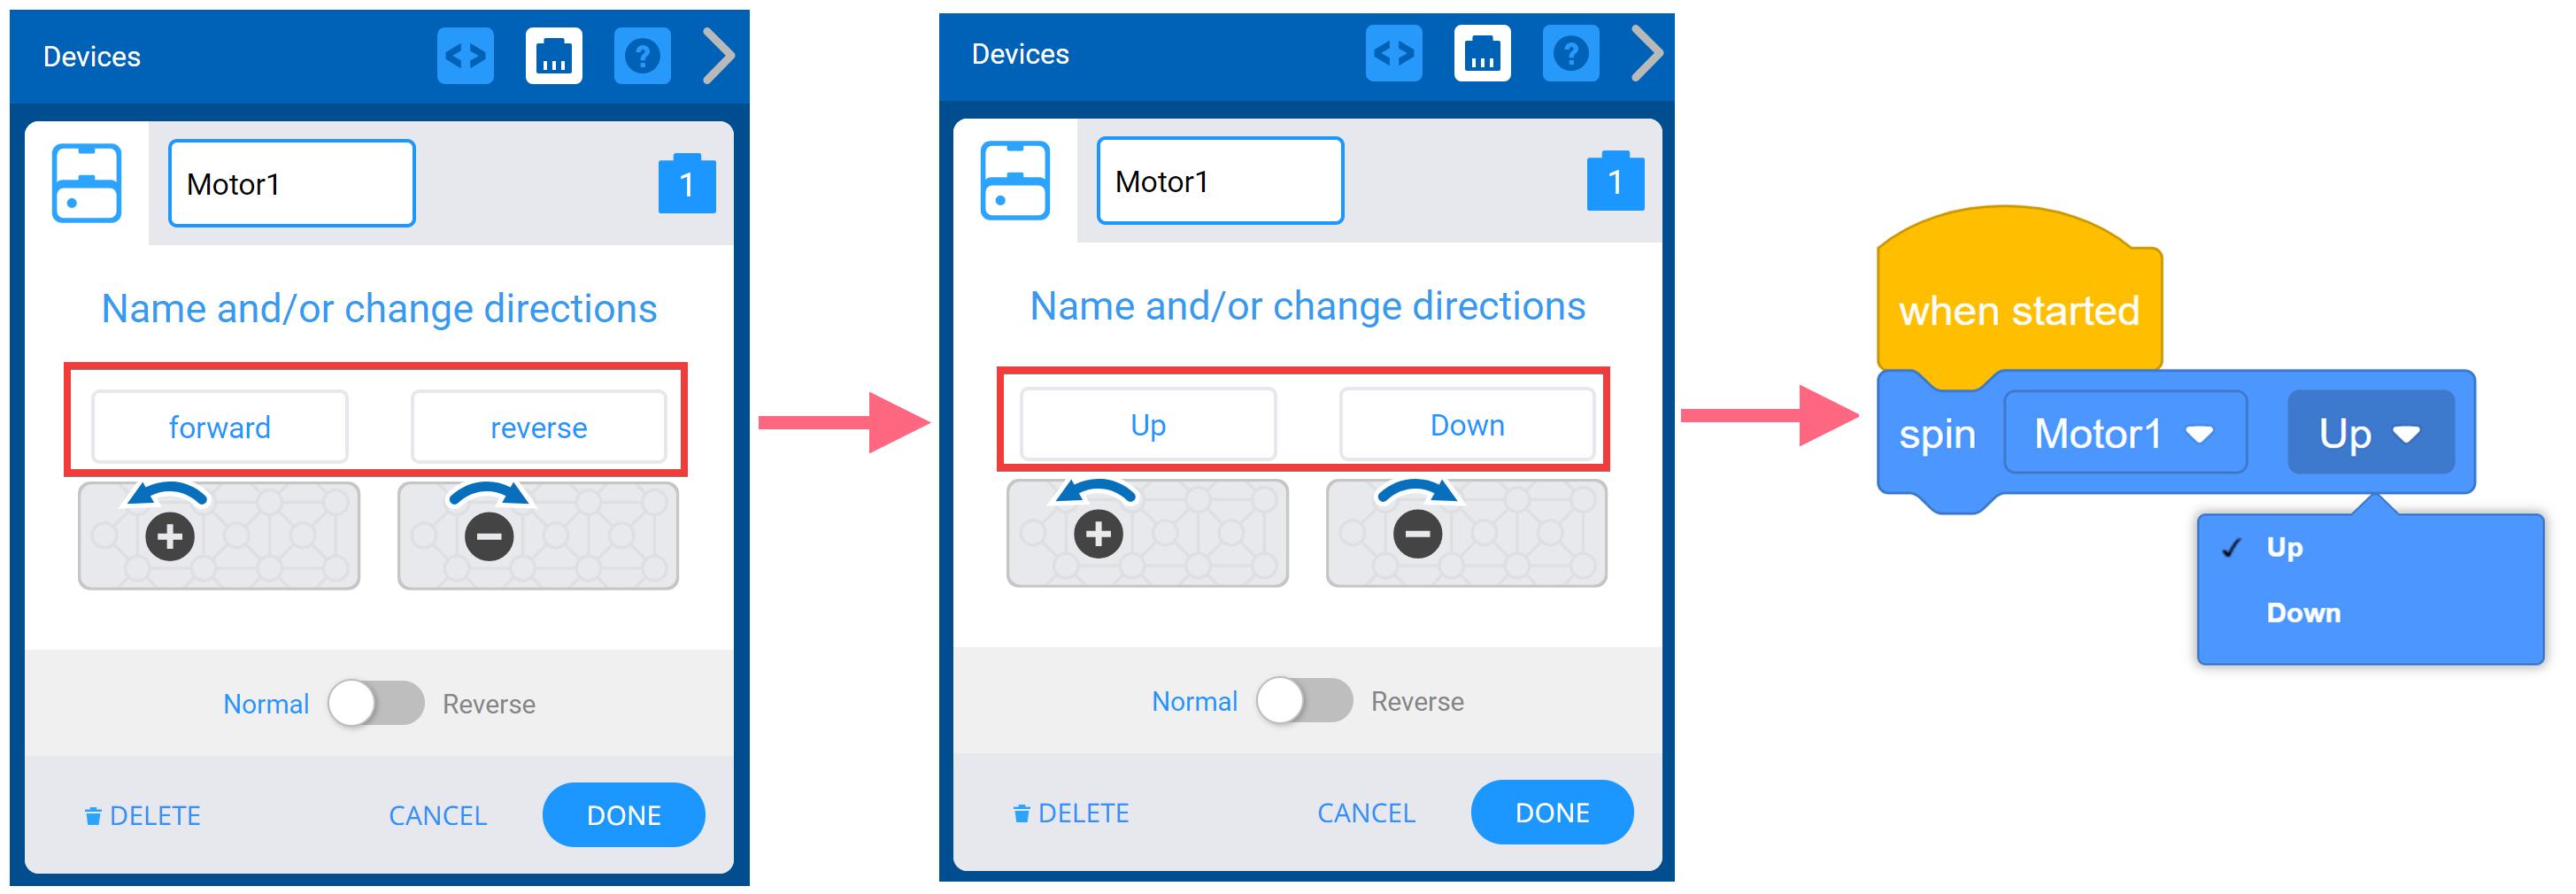 hernoemen_motors_and_block_changes.png